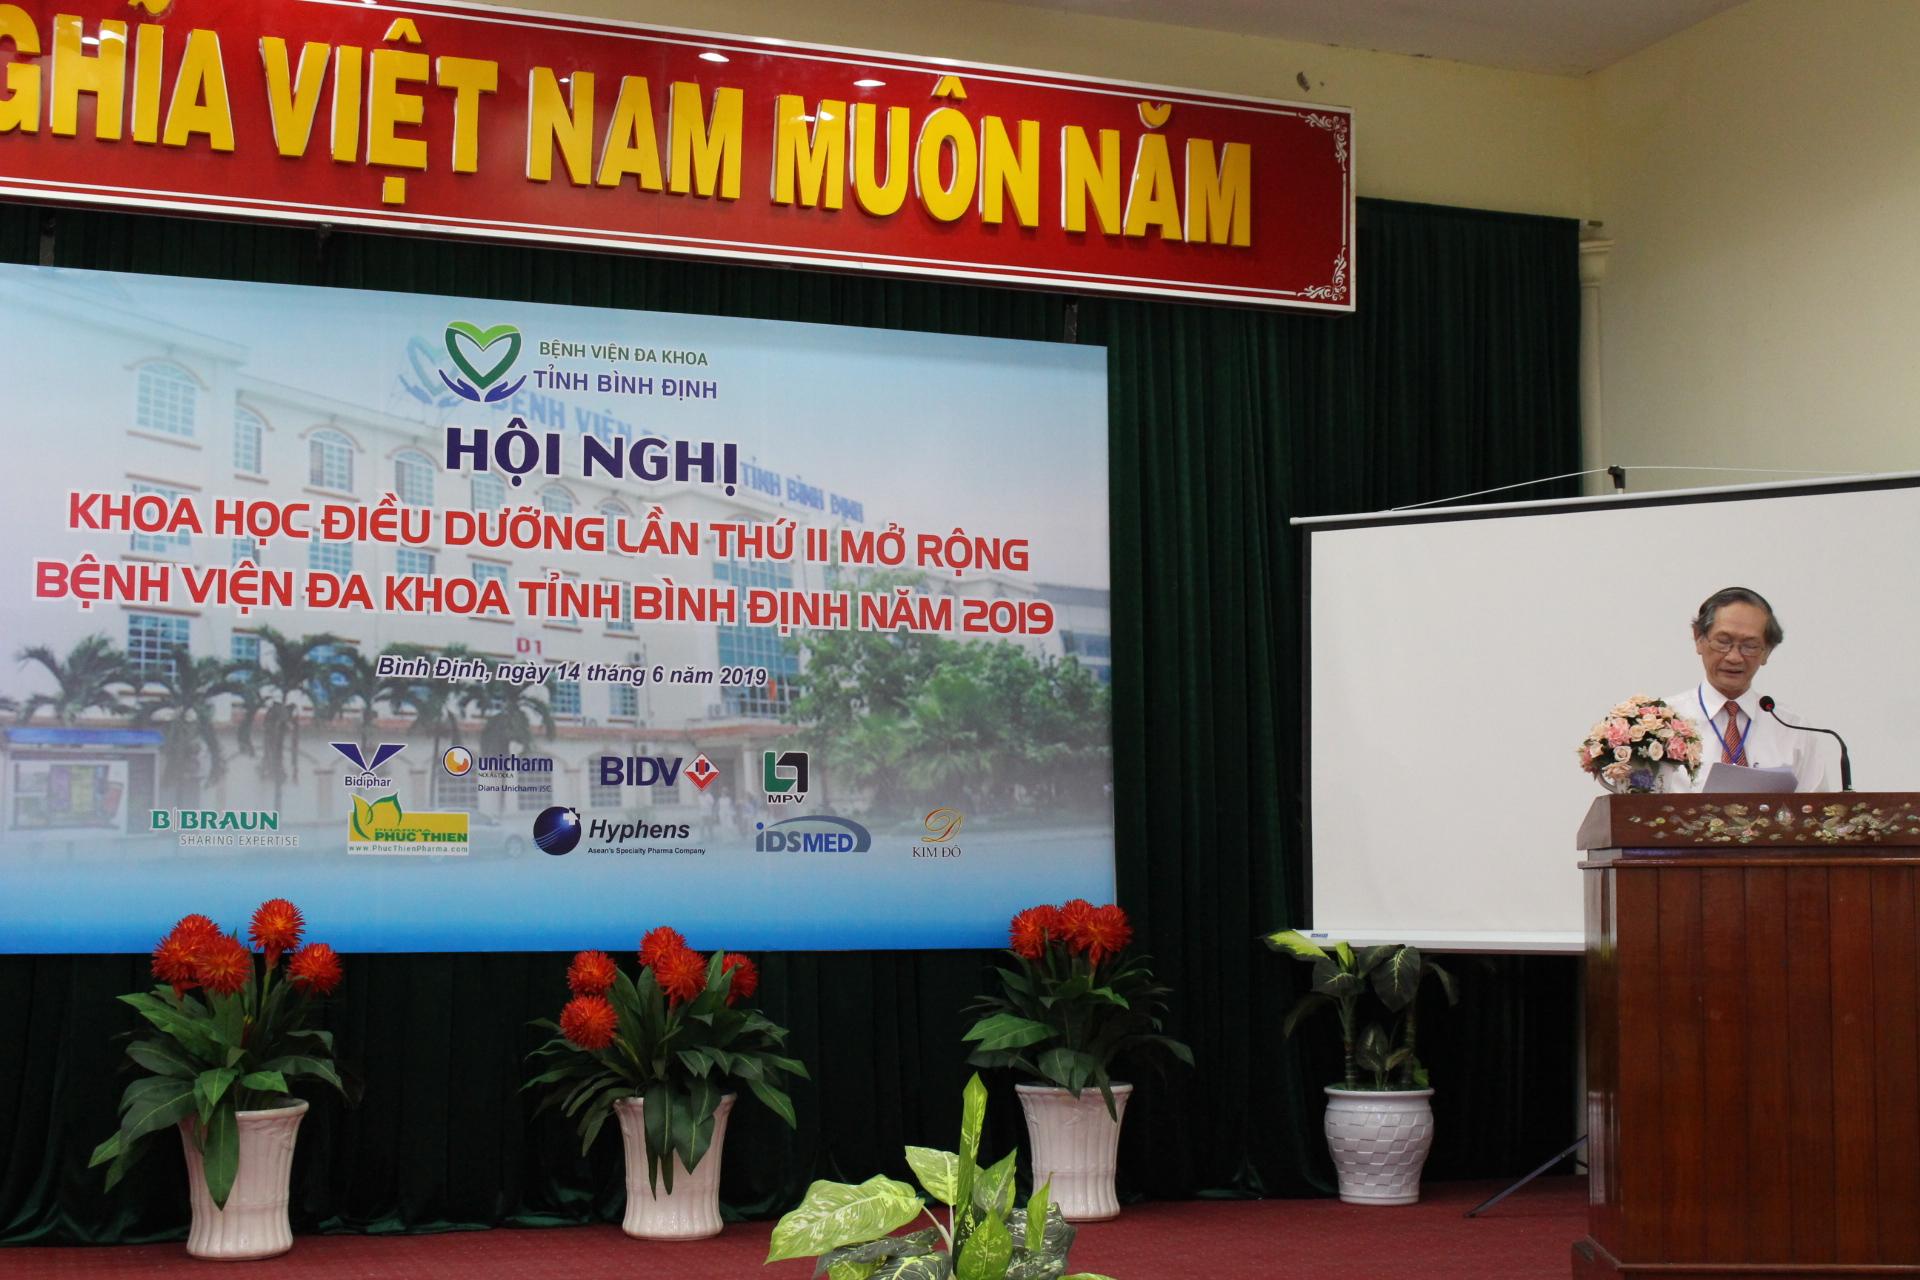 BVĐK tỉnh Bình Định tổ chức Hội nghị khoa học Điều dưỡng lần II mở rộng năm 2019